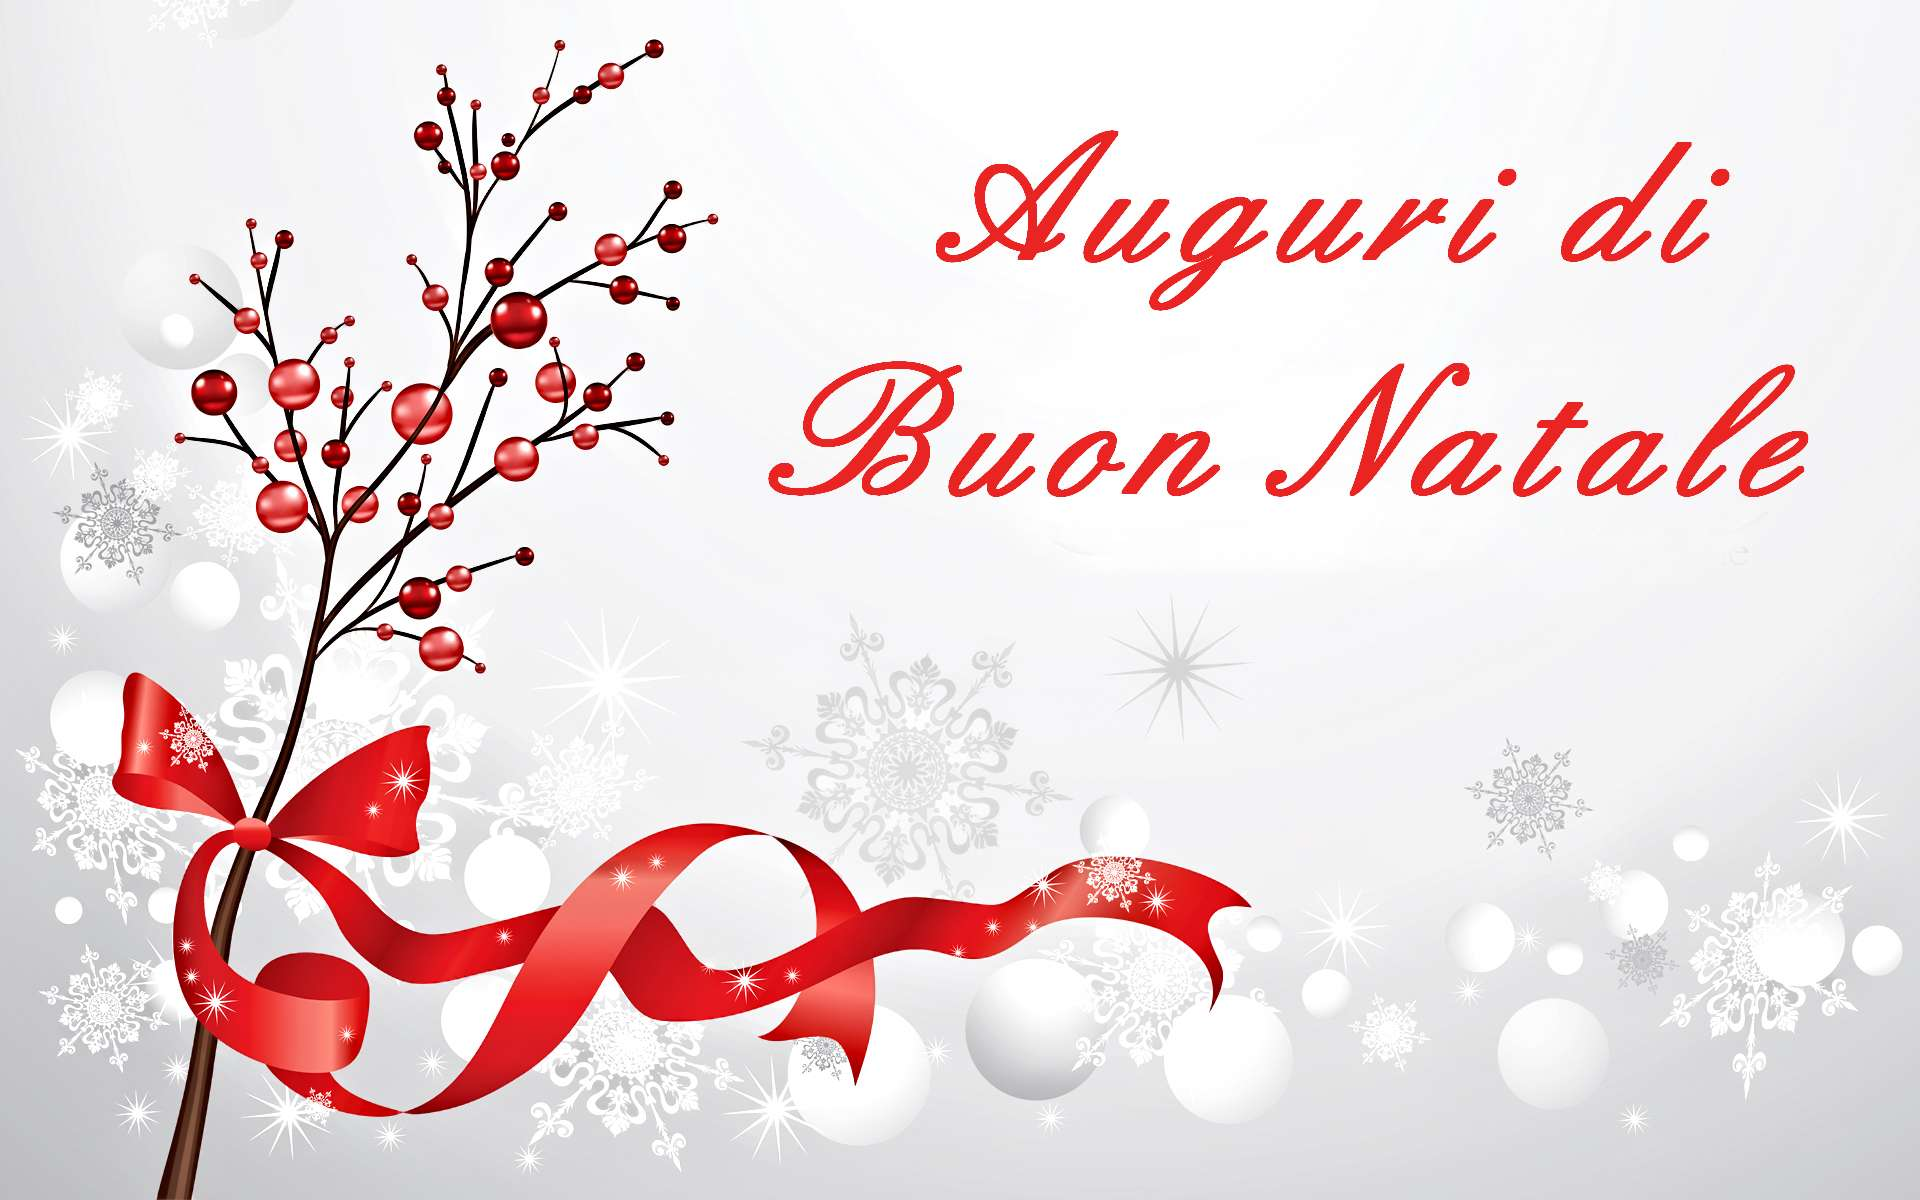 Frasi Natale E Buon Anno.Migliori Frasi Auguri 2017 Di Buon Natale Come Scaricare Biglietti